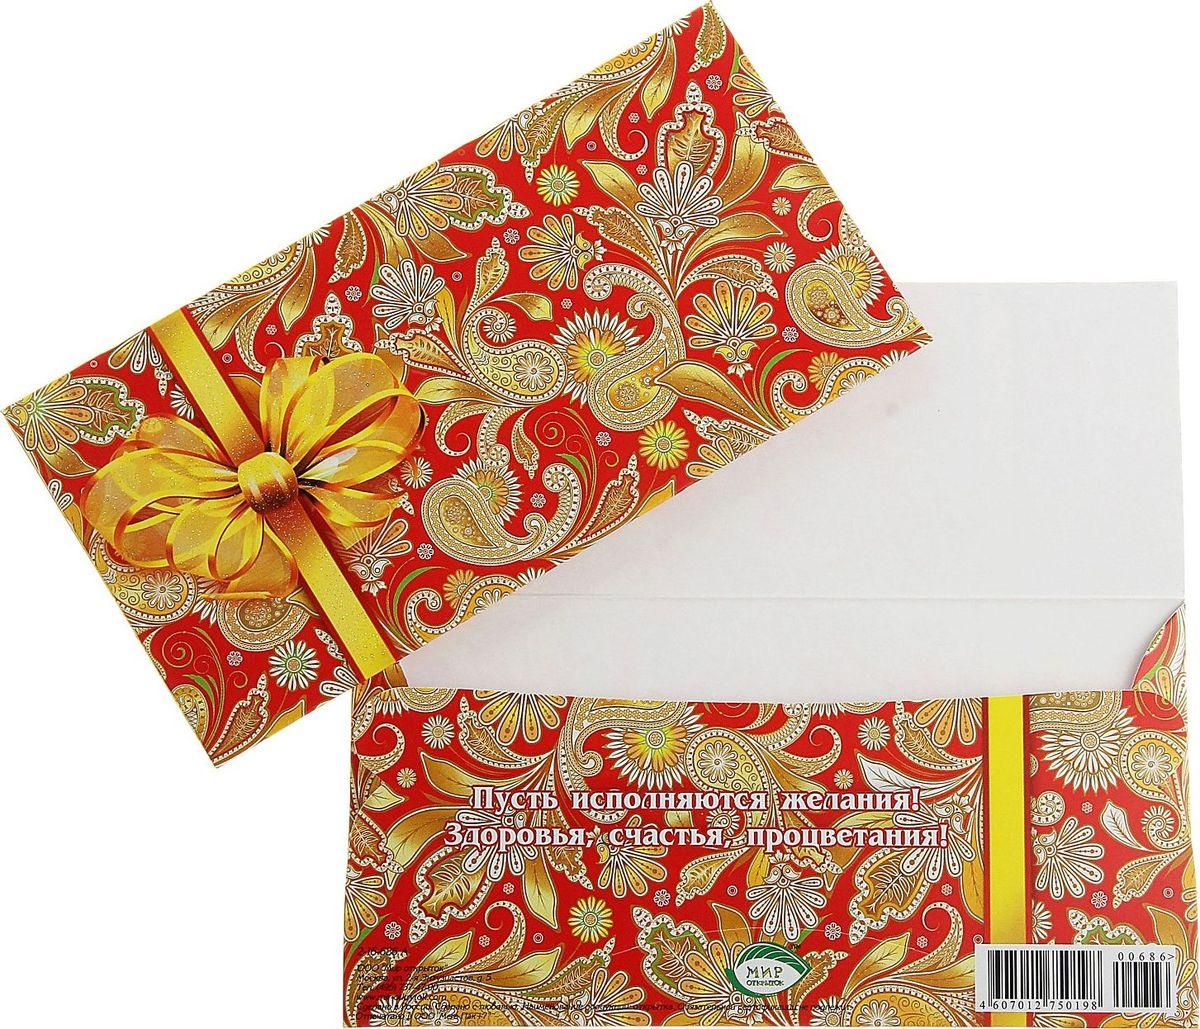 Конверт для денег Мир открыток Пусть исполняются желания! Узор, желтый бантик, 17 х 7 см778397Всем известно, что хороший подарок - это полезный подарок. А деньги уж точно не будут пылиться в дальнем углу шкафа. Их можно преподнести на любое торжество. Подберите для своего подарка оригинальный конверт и скорее дарите близким радость!Изделие изготовлено из плотного картона, поэтому вы можете не беспокоиться за целостность его содержимого.